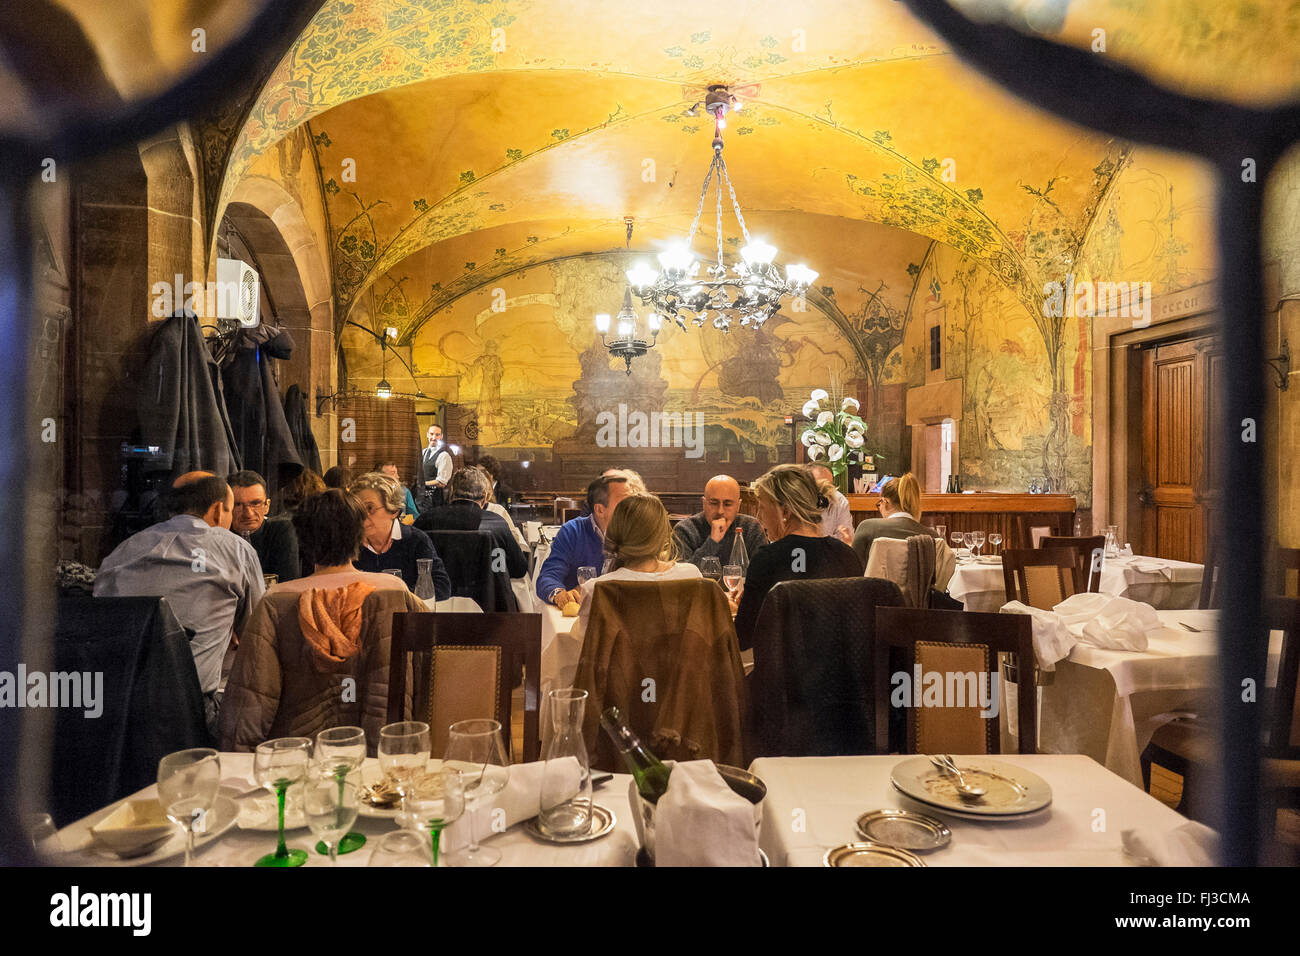 Ristorante sala da pranzo, Maison Kammerzell casa medioevale di notte, Strasburgo, Alsazia, Francia Europa Immagini Stock